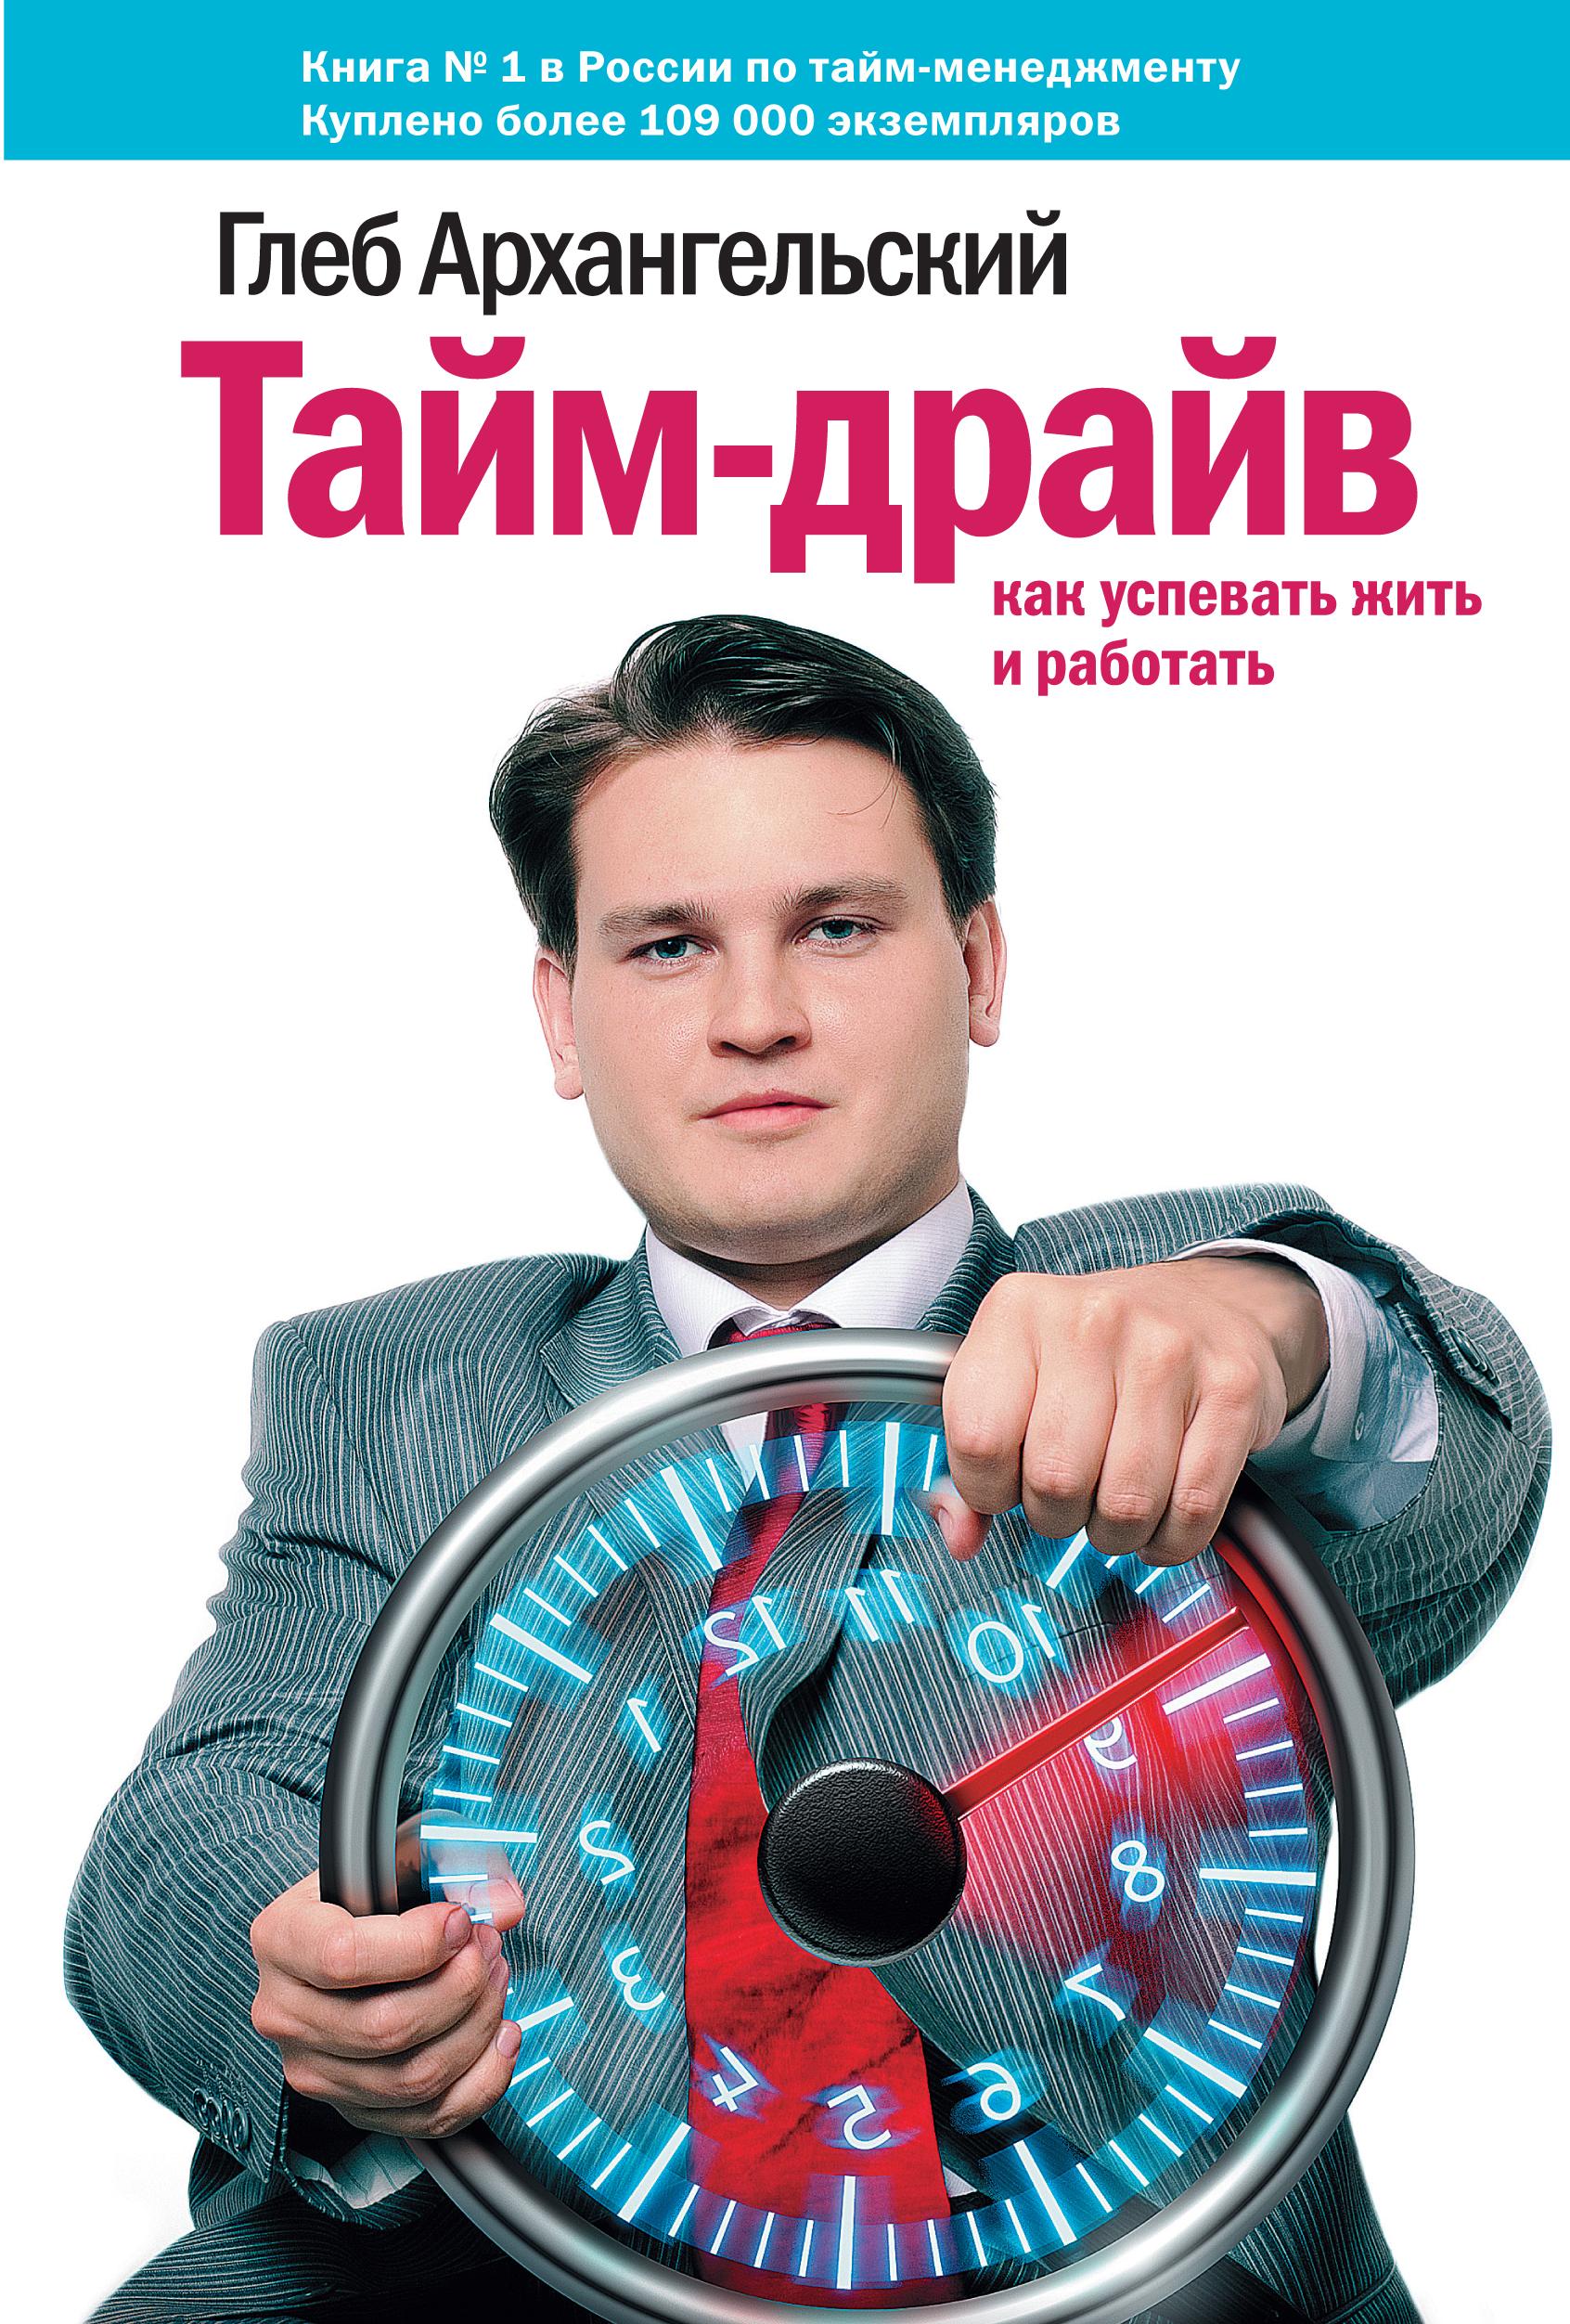 Архангельский Г. Тайм-драйв: Как успевать жить и работать.